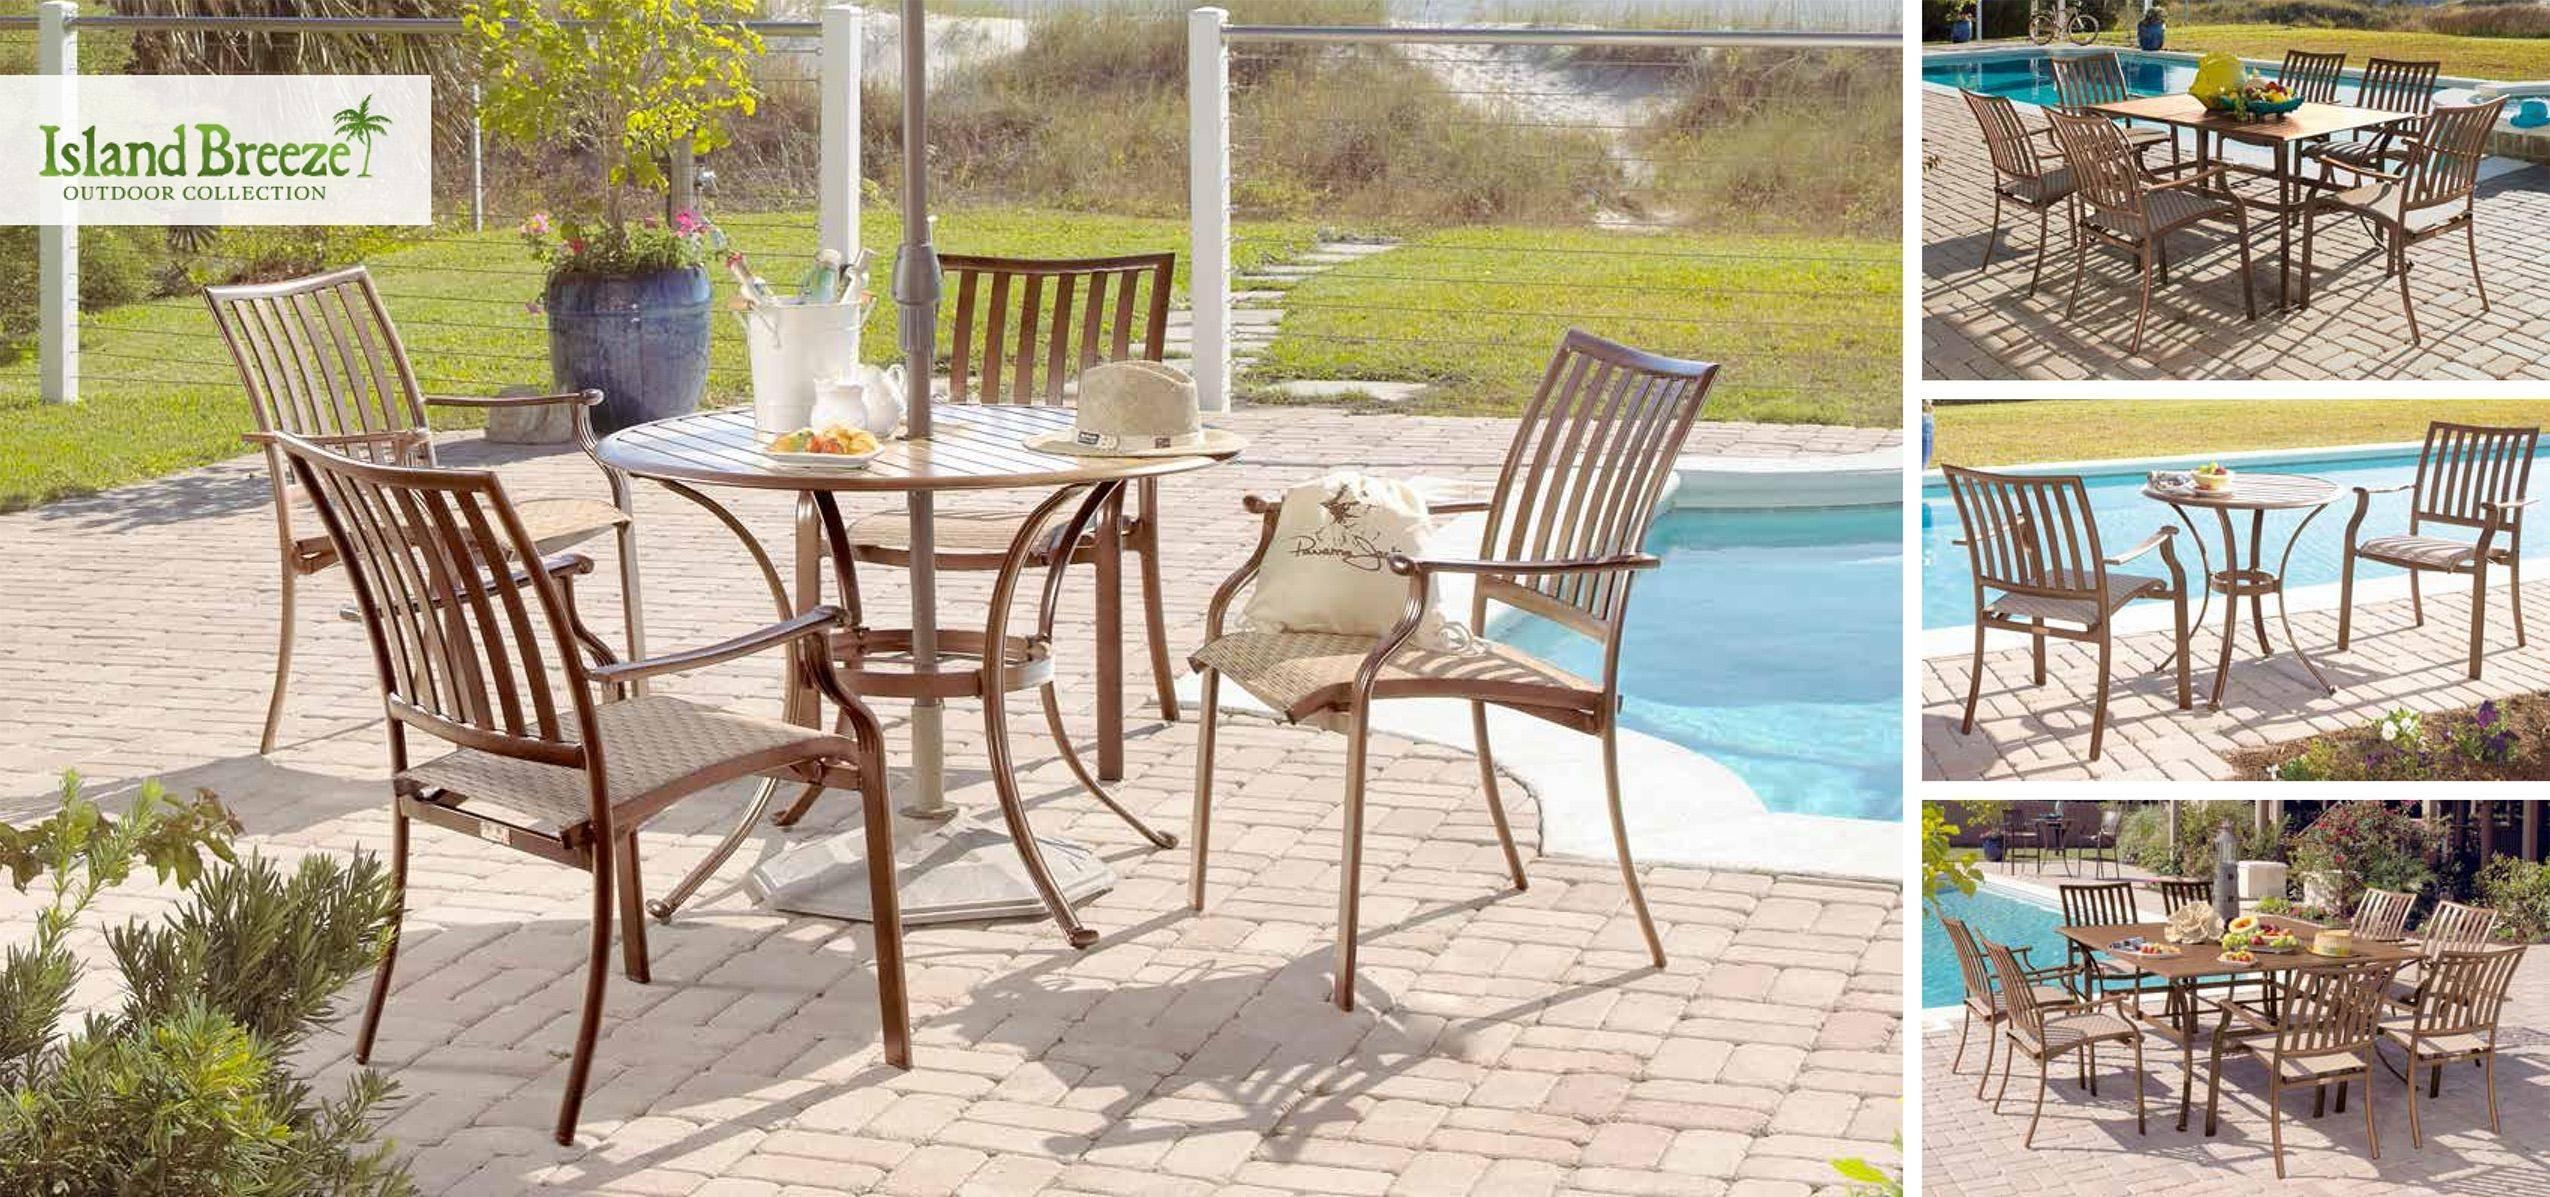 Buy Panama Jack Island Breeze Outdoor Chair in Espresso online